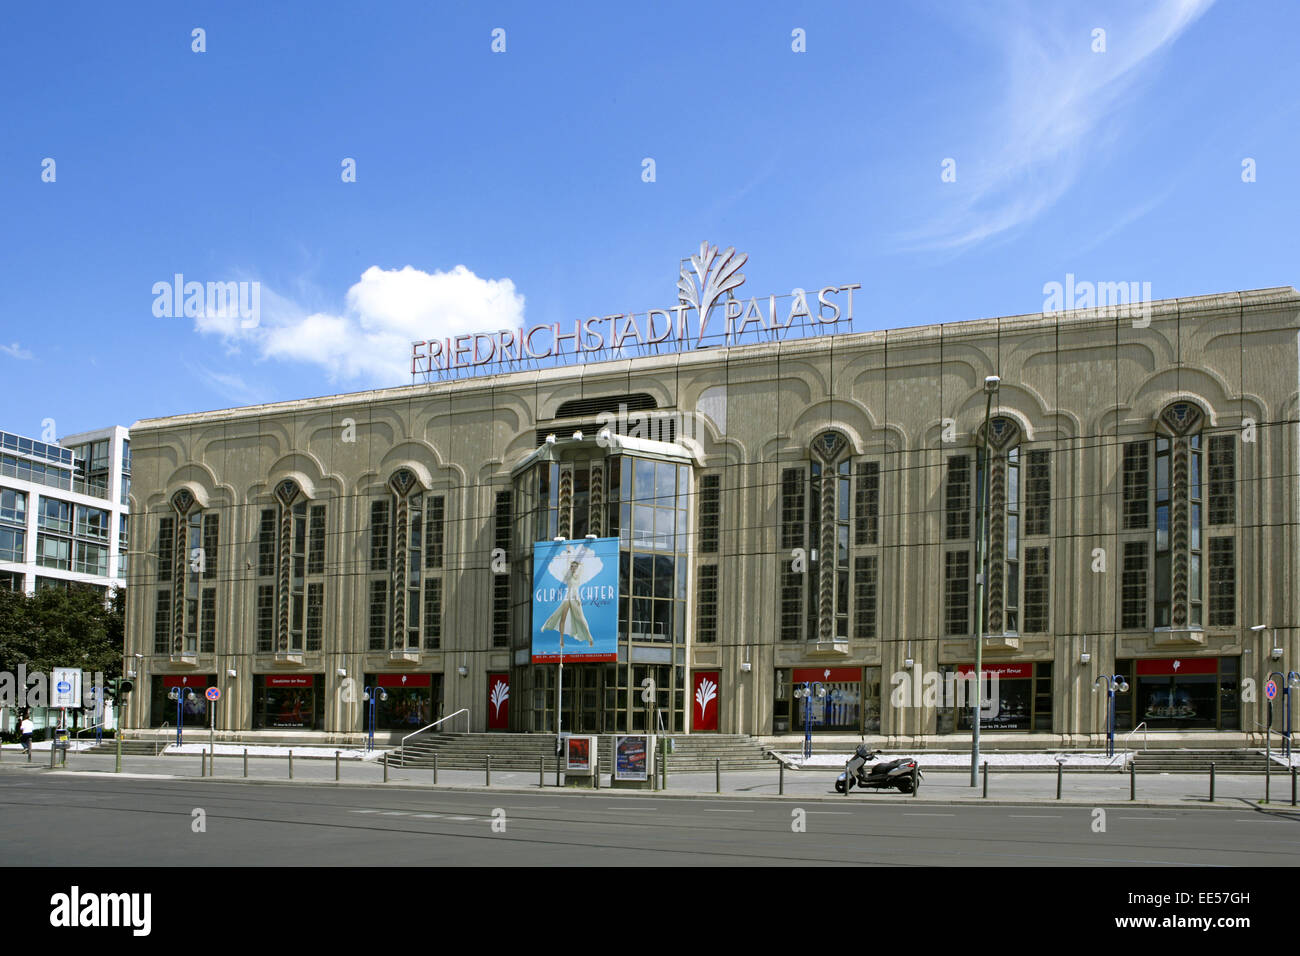 Deutschland, Berlin, Europa, Hauptstadt, Stadt, Sehenswuerdigkeit, Cabaret, Friedrichstadtpalast, Gebaeude, Grossstadt, - Stock Image